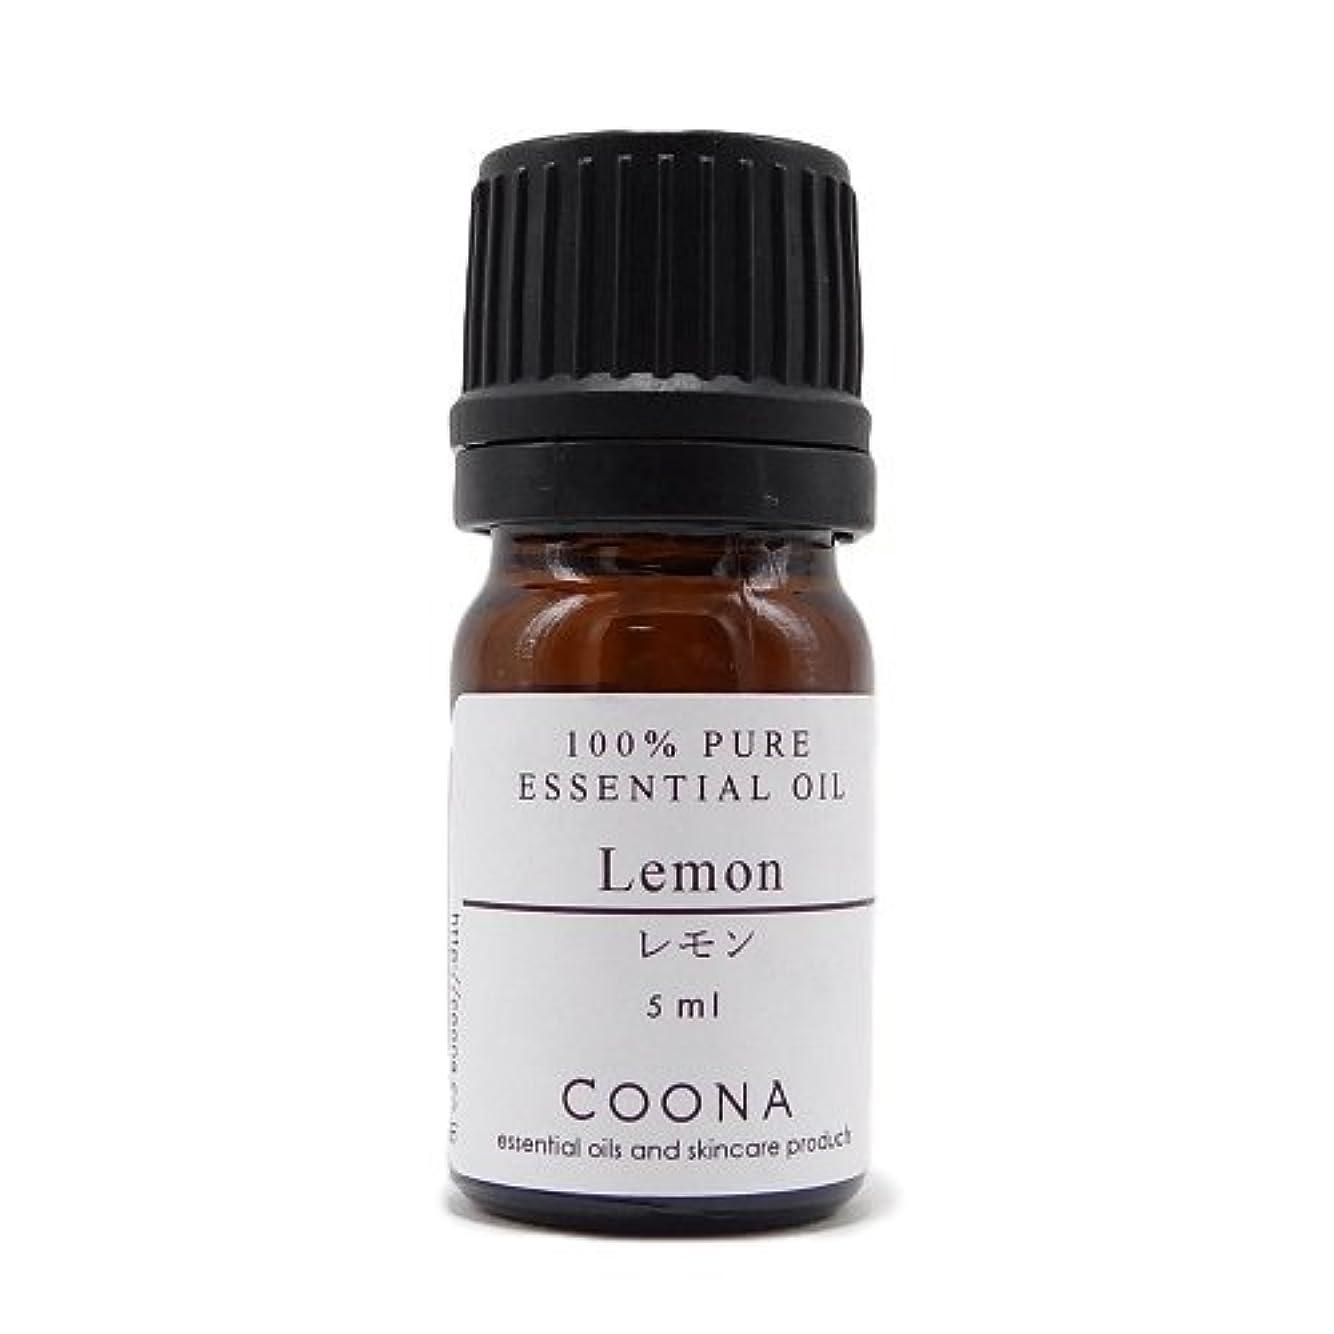 潜むフロンティアバナナレモン 5 ml (COONA エッセンシャルオイル アロマオイル 100%天然植物精油)